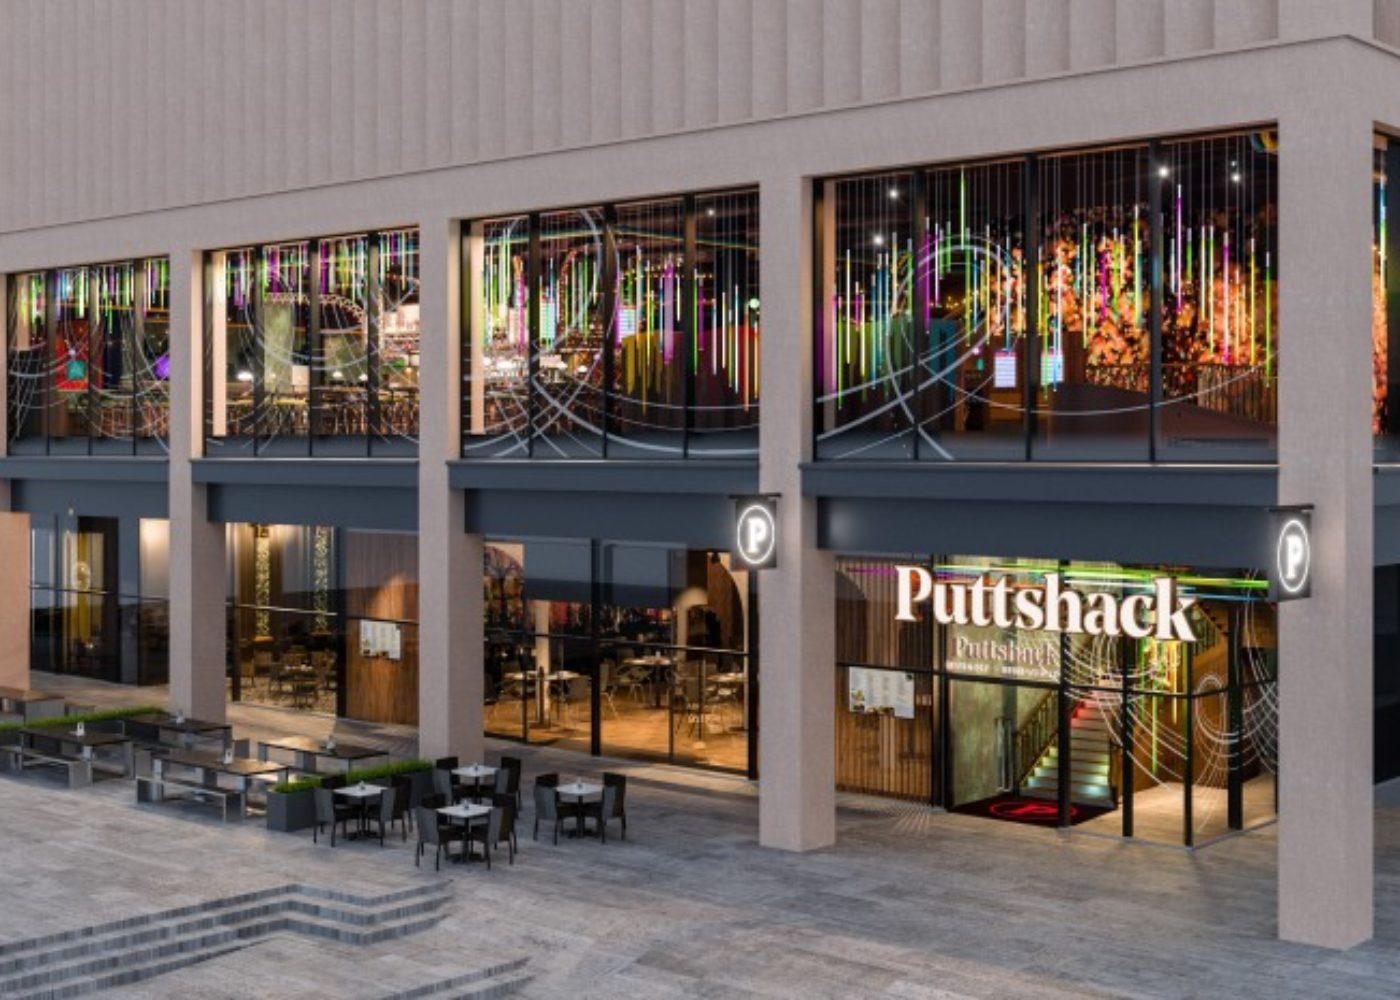 Puttshack_External-Venue_White-City